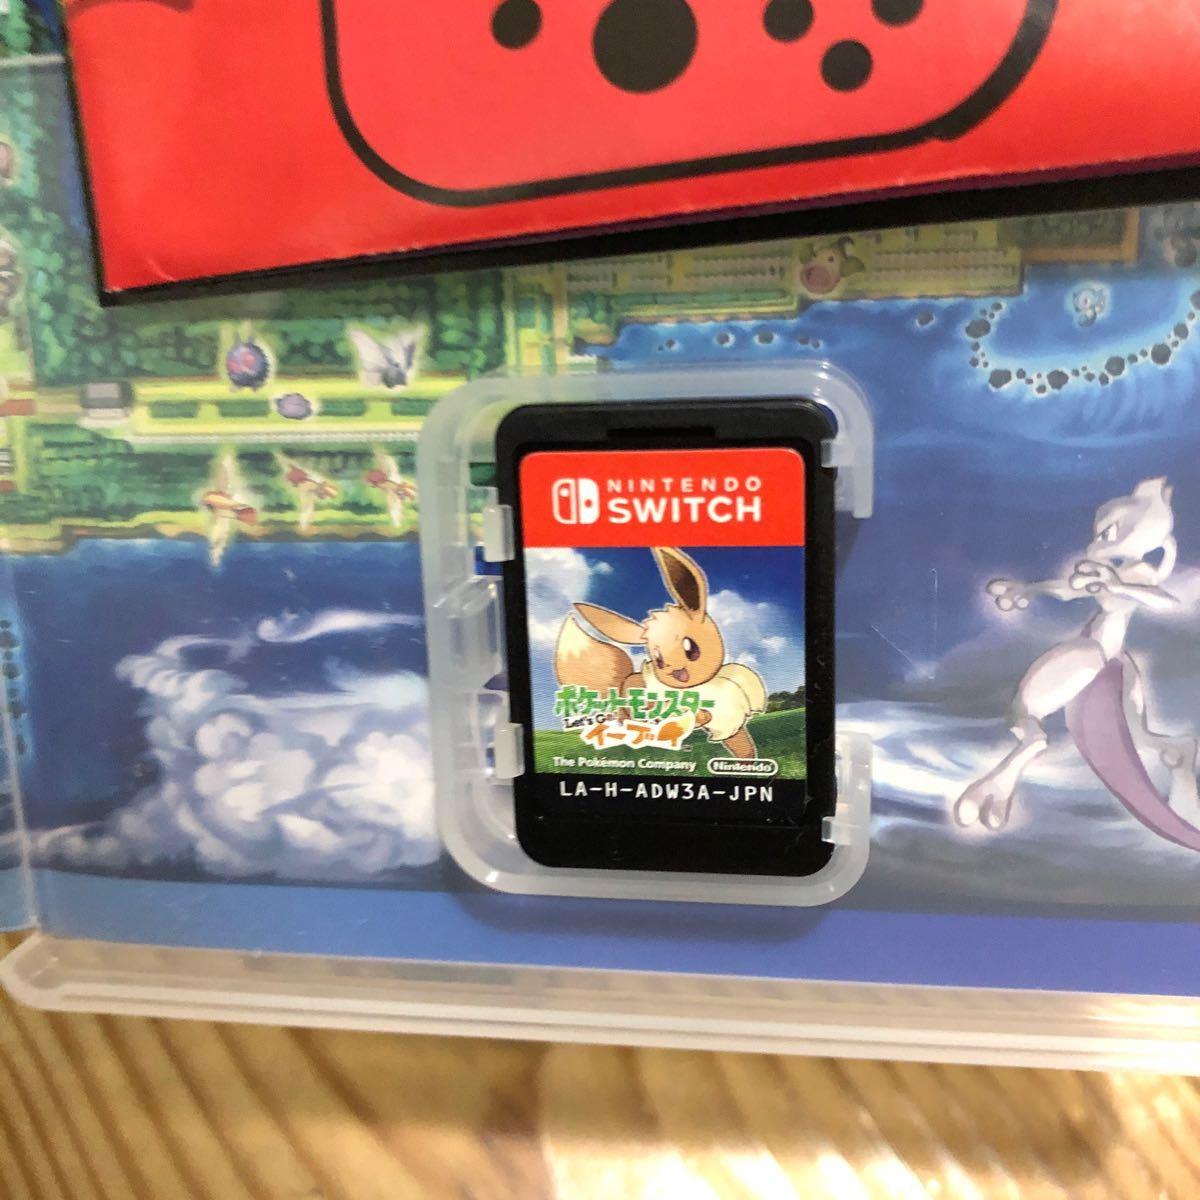 ポケットモンスター Let''s Go イーブイ Nintendo Switch Switch スイッチ レッツゴーイーブイ